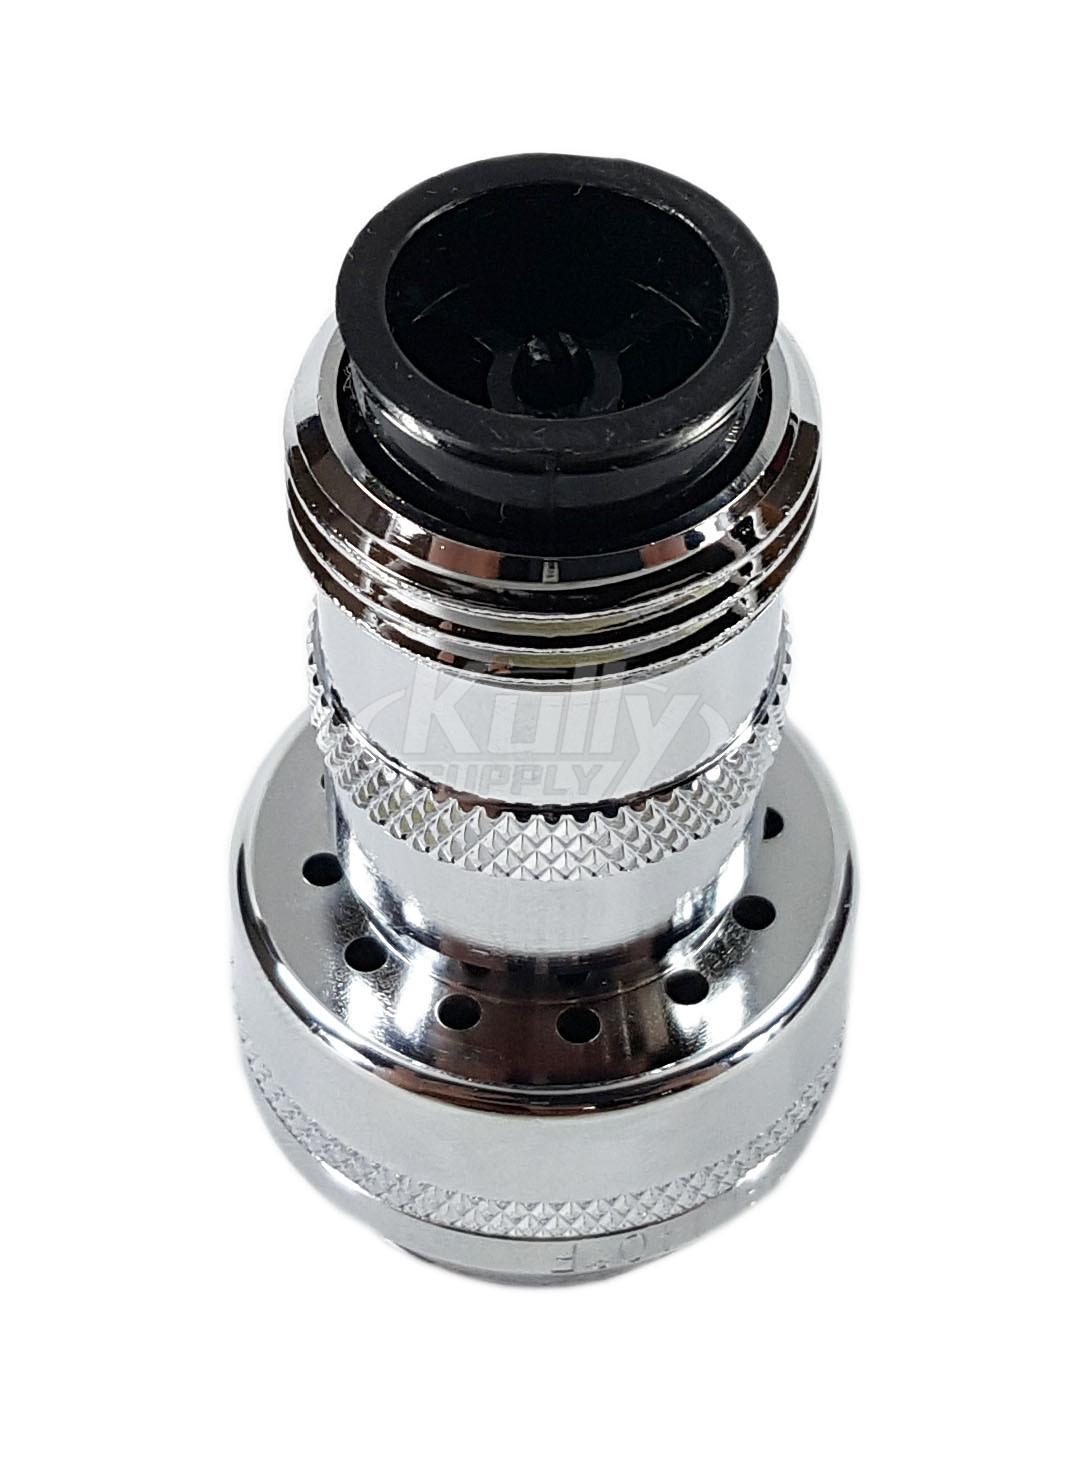 Woodford 50HA-CH Backflow Preventer | KullySupply.com